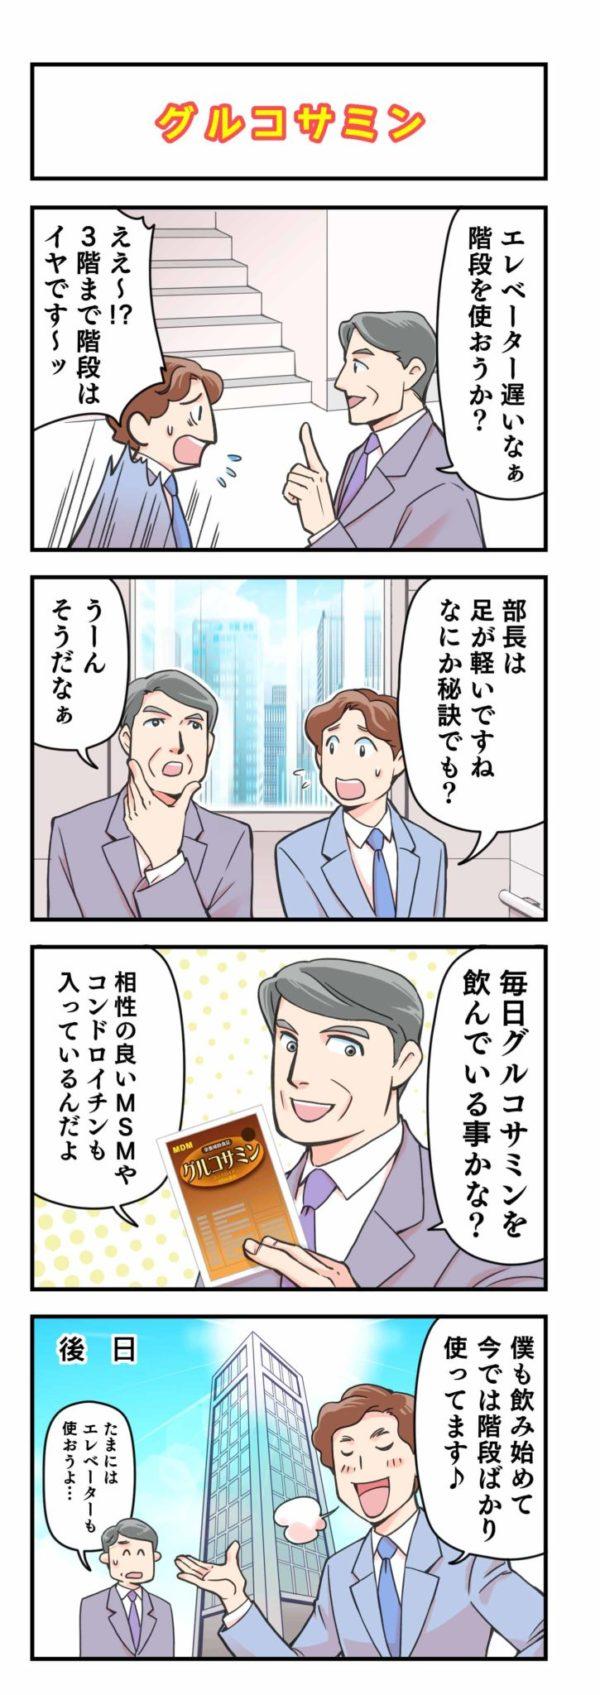 「グルコサミン」商品紹介マンガ